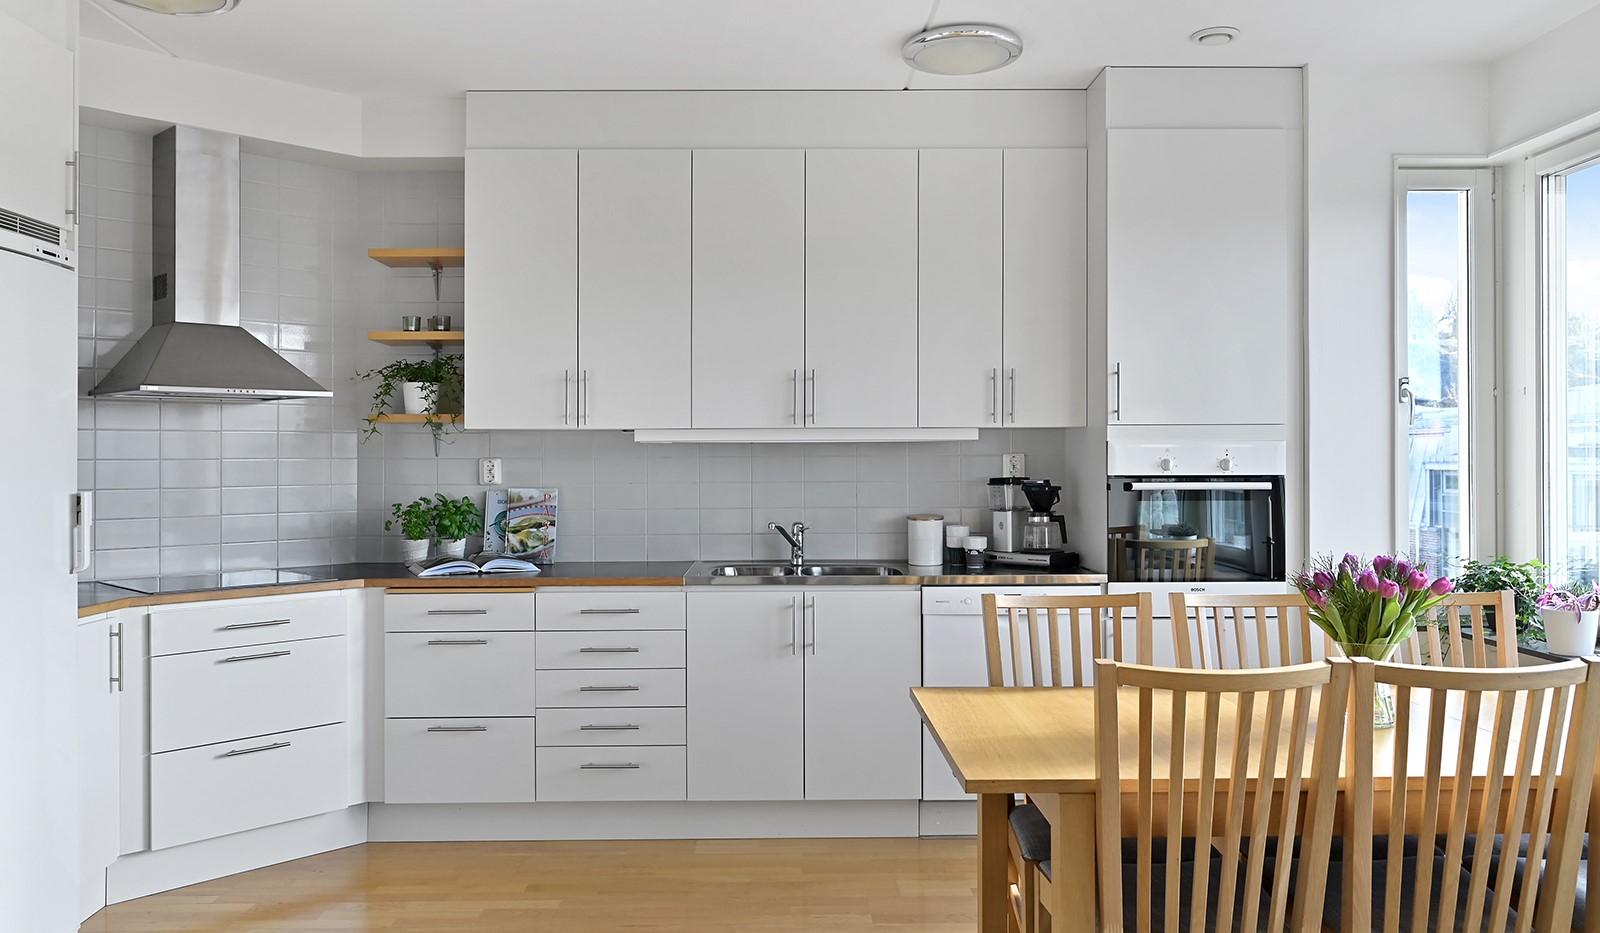 Blekegatan 1, 6 tr - I köket finns gott om förvaringsmöjligheter bakom vita luckor